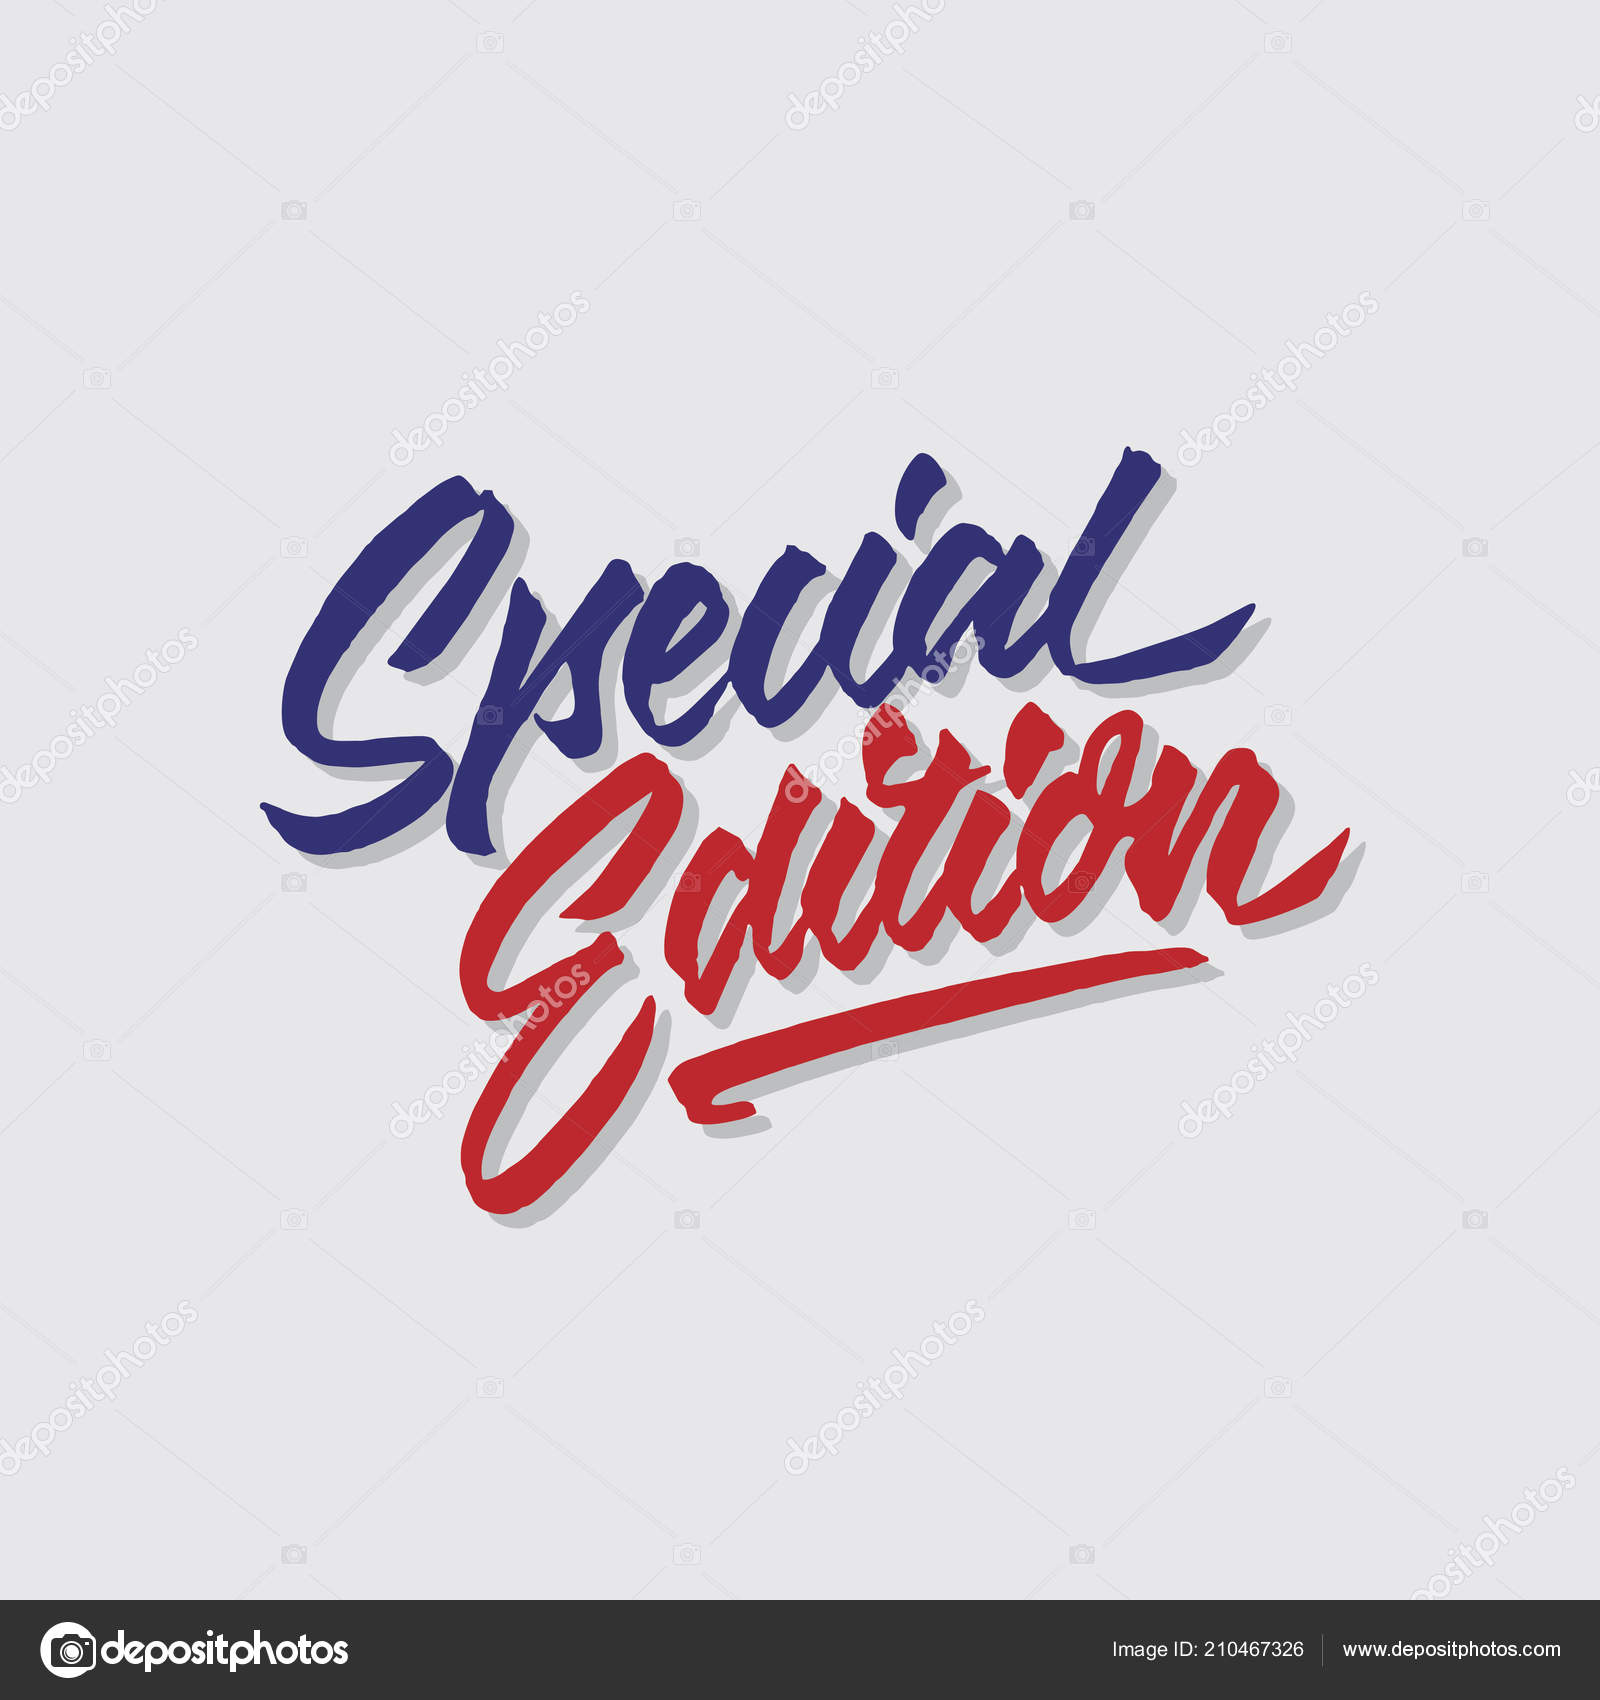 Specjalna Edycja Strony Napis Typografia Sprzedaży